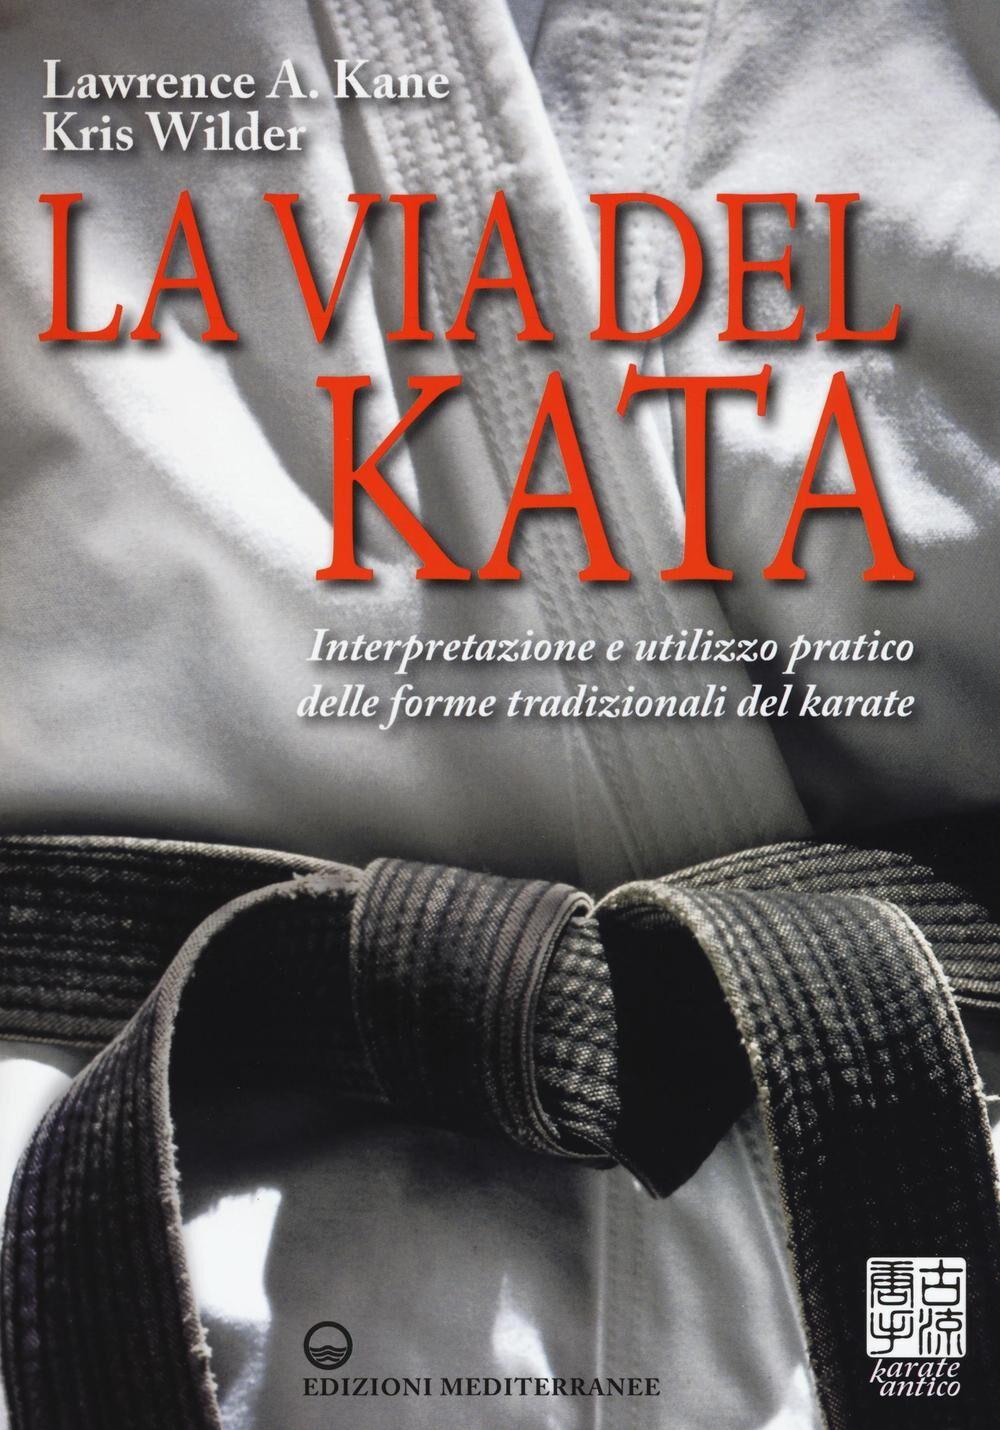 La via del kata. Interpretazione e utilizzo pratico delle forme tradizionali del karate